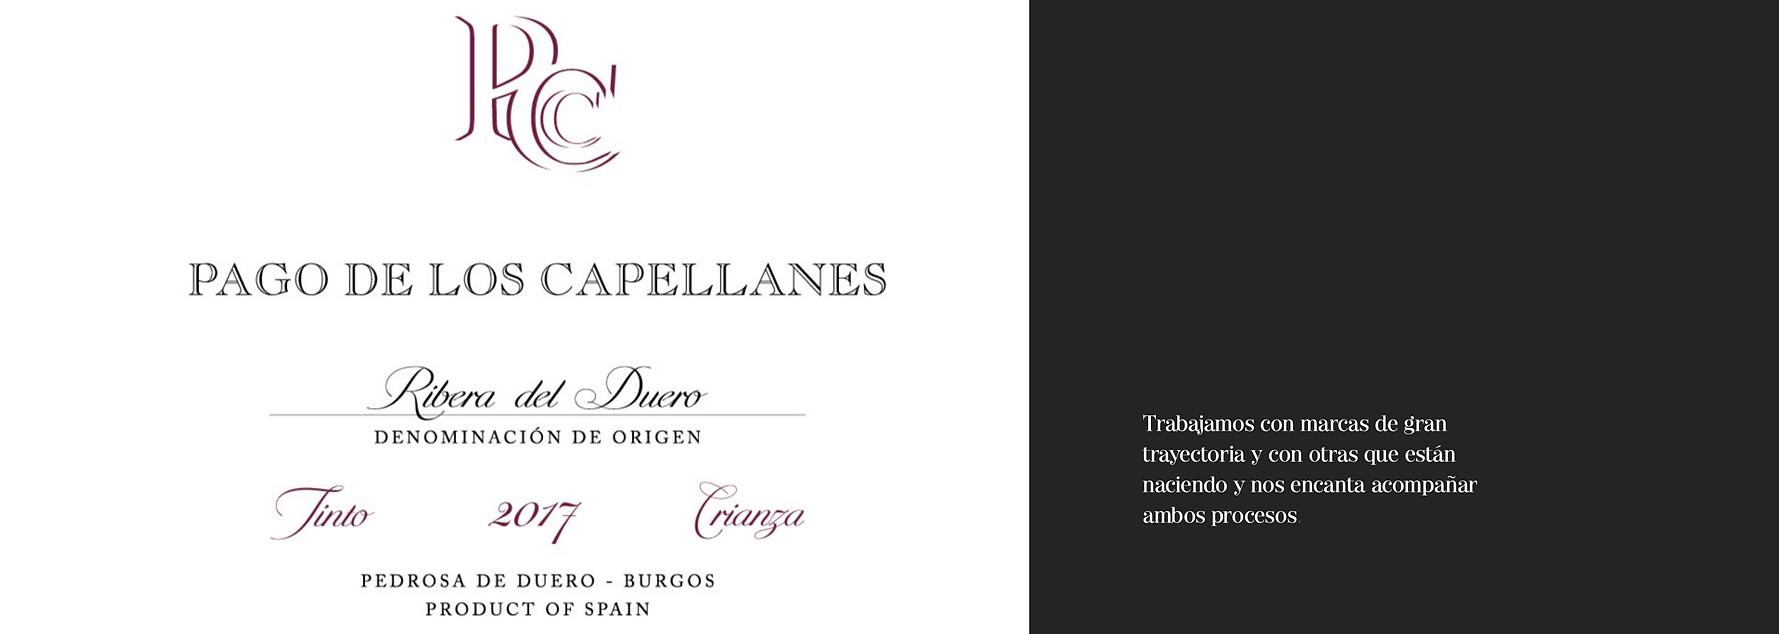 gloops, agencia de diseño, diseño web, branding, especialistas en bodegas, etiquetas de vino, diseño de etiquetas, consultoria de bodegas, pipo abbad, vinos distintos, clos galena